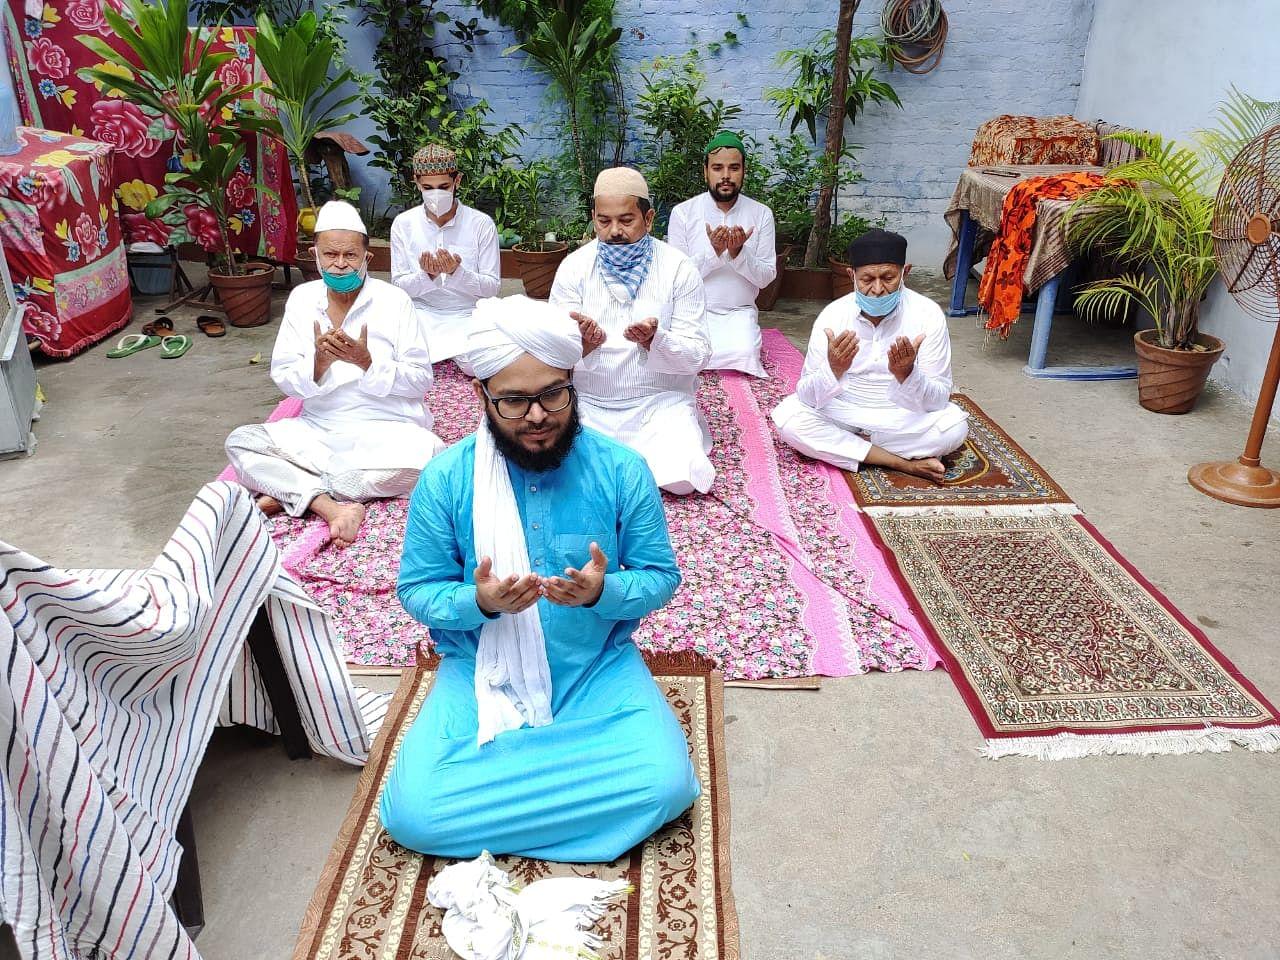 घर पर ईद उल अजहा की नमाज के दौरान दुआ करते बड़ी ईदगाह कमेटी के अध्यक्ष जनाब मौलाना सैयद फैज हसन सफ़